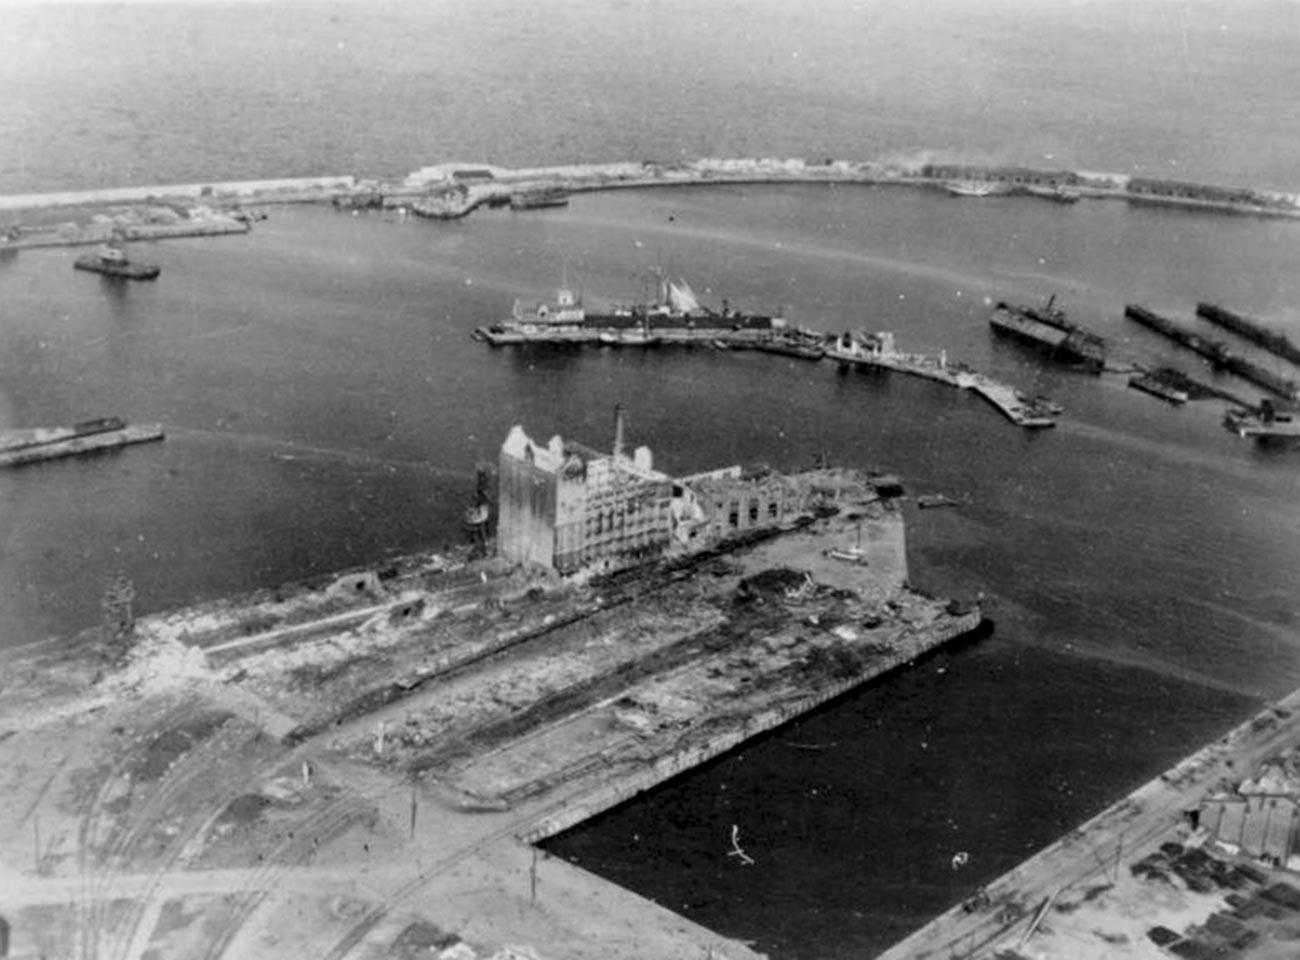 Porto de Tallin em 1° de setembro de 1941, após o cerco alemão.